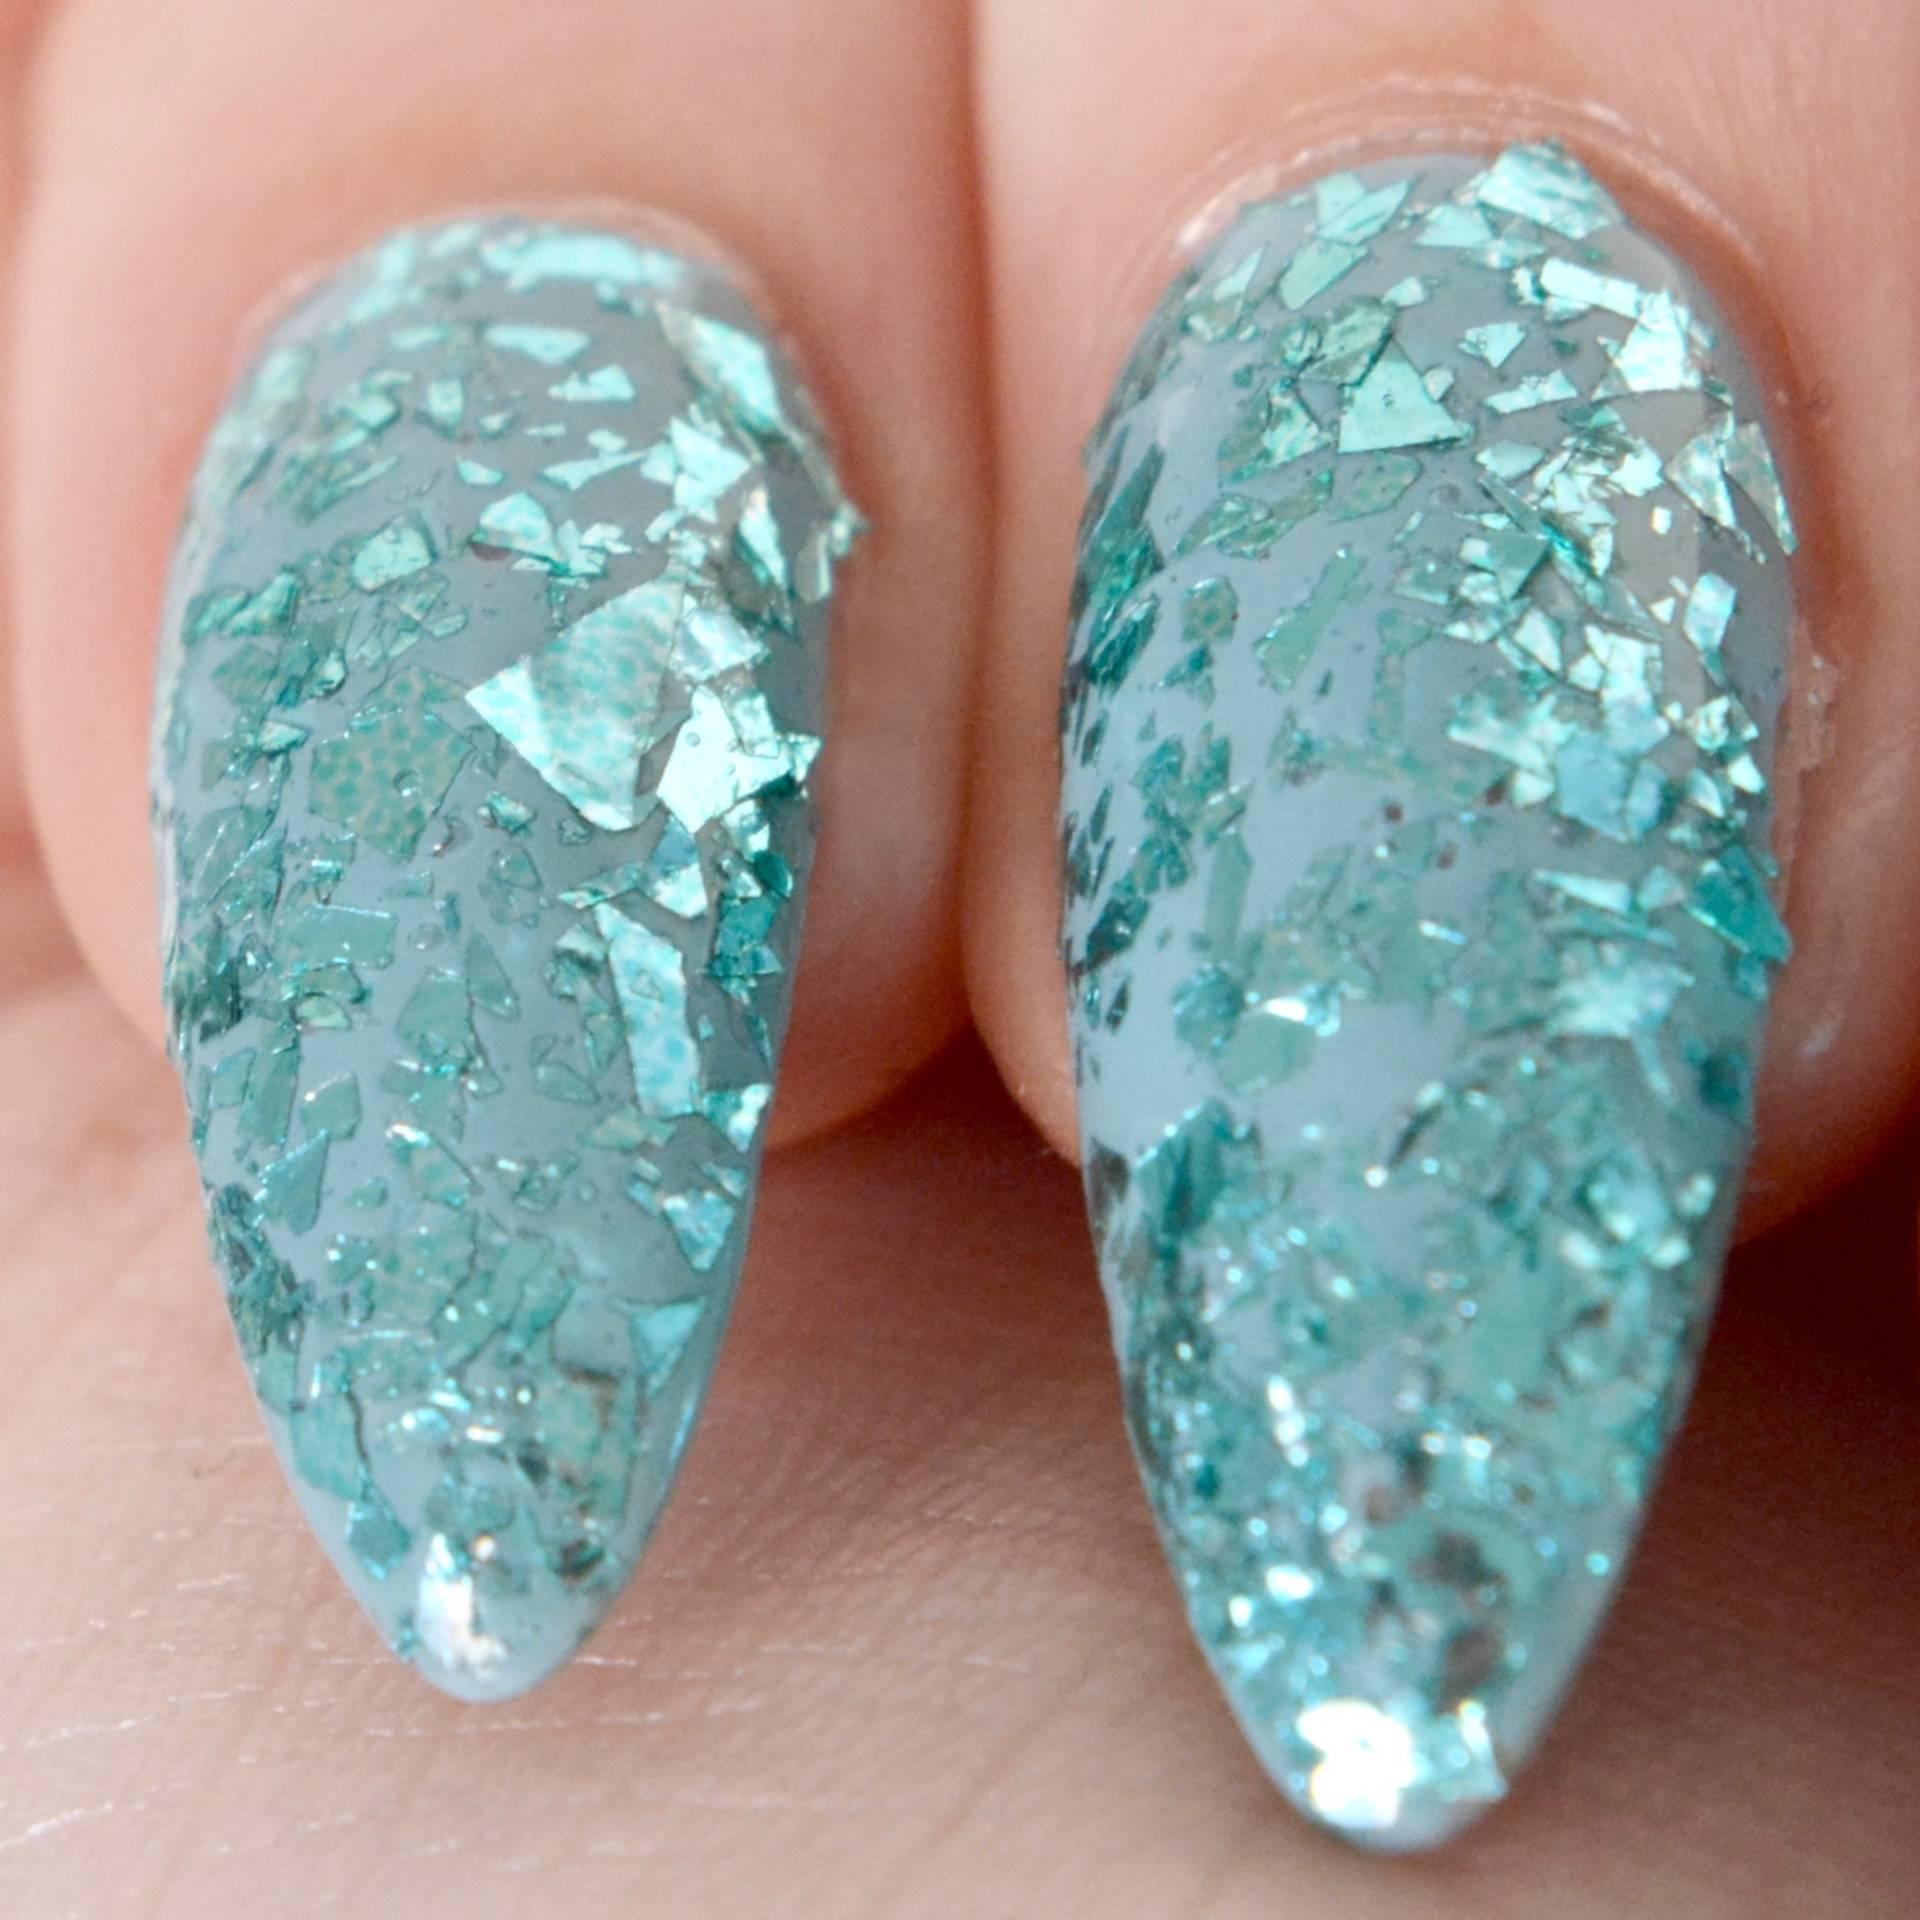 NAIO Aqua Cracked Ice glitter, glitter nail art